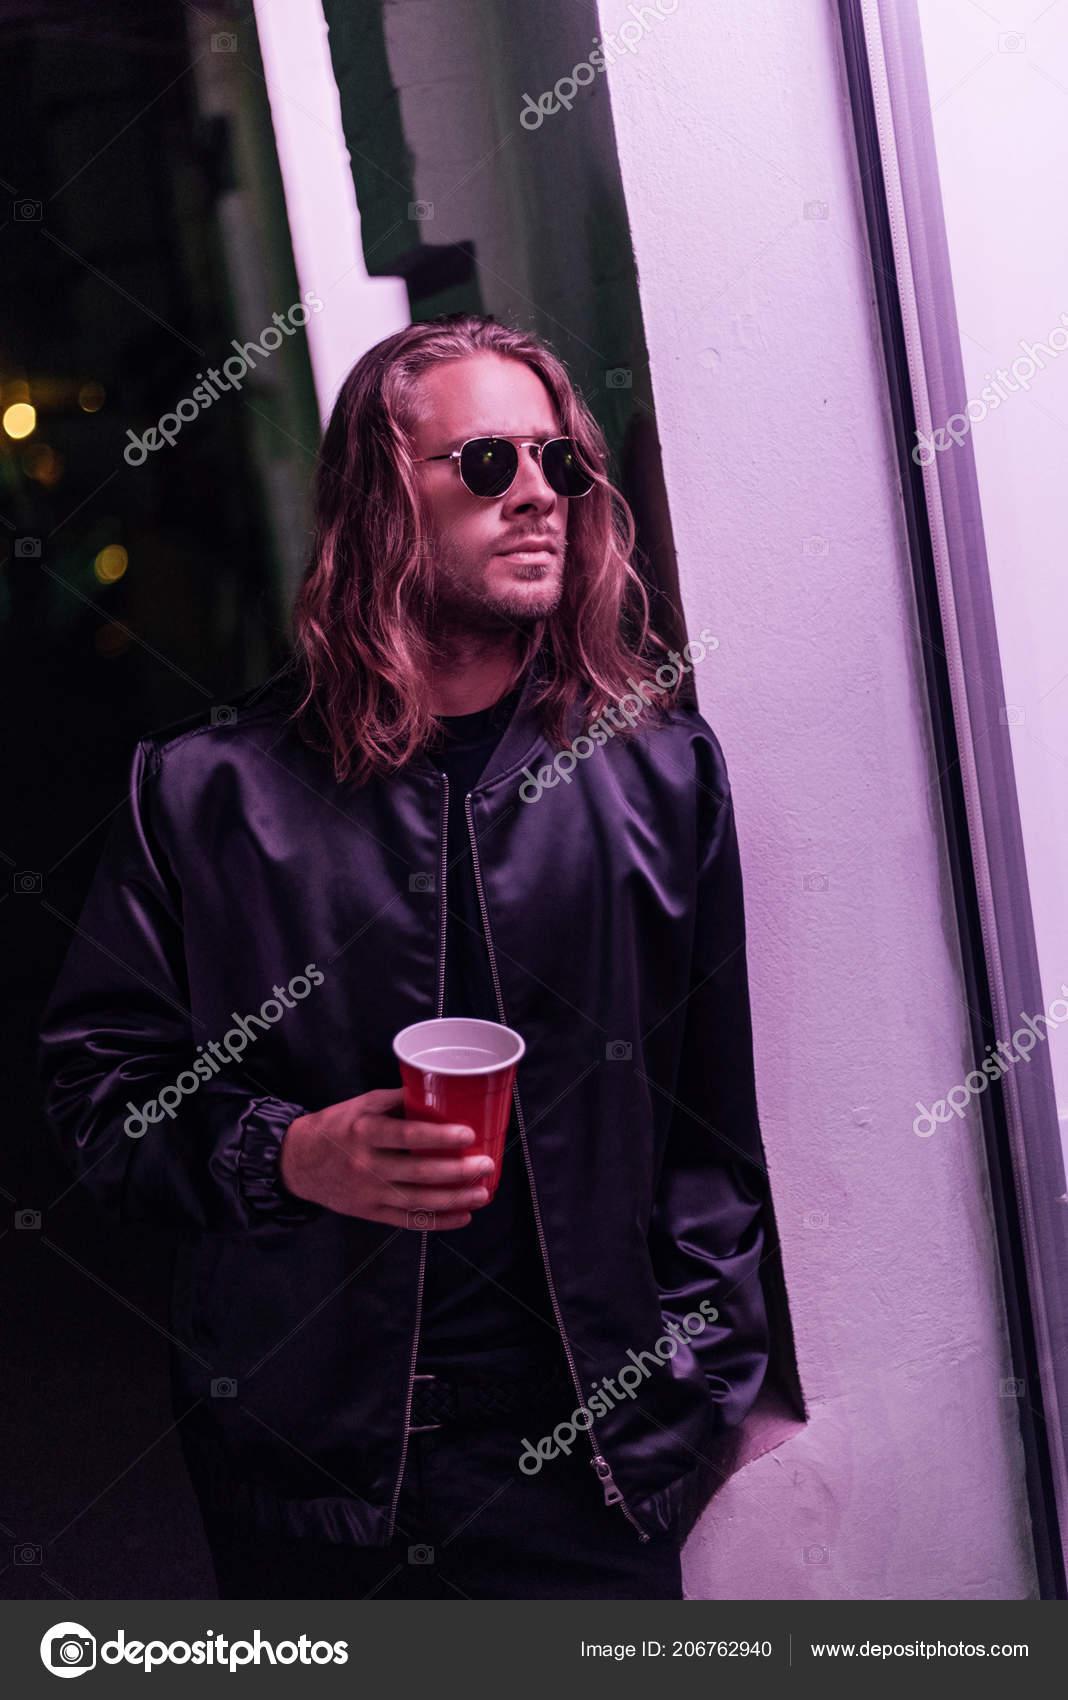 96be585de Hombre Joven Guapo Con Vaso Plástico Rojo Beber Calle Por — Fotos de ...